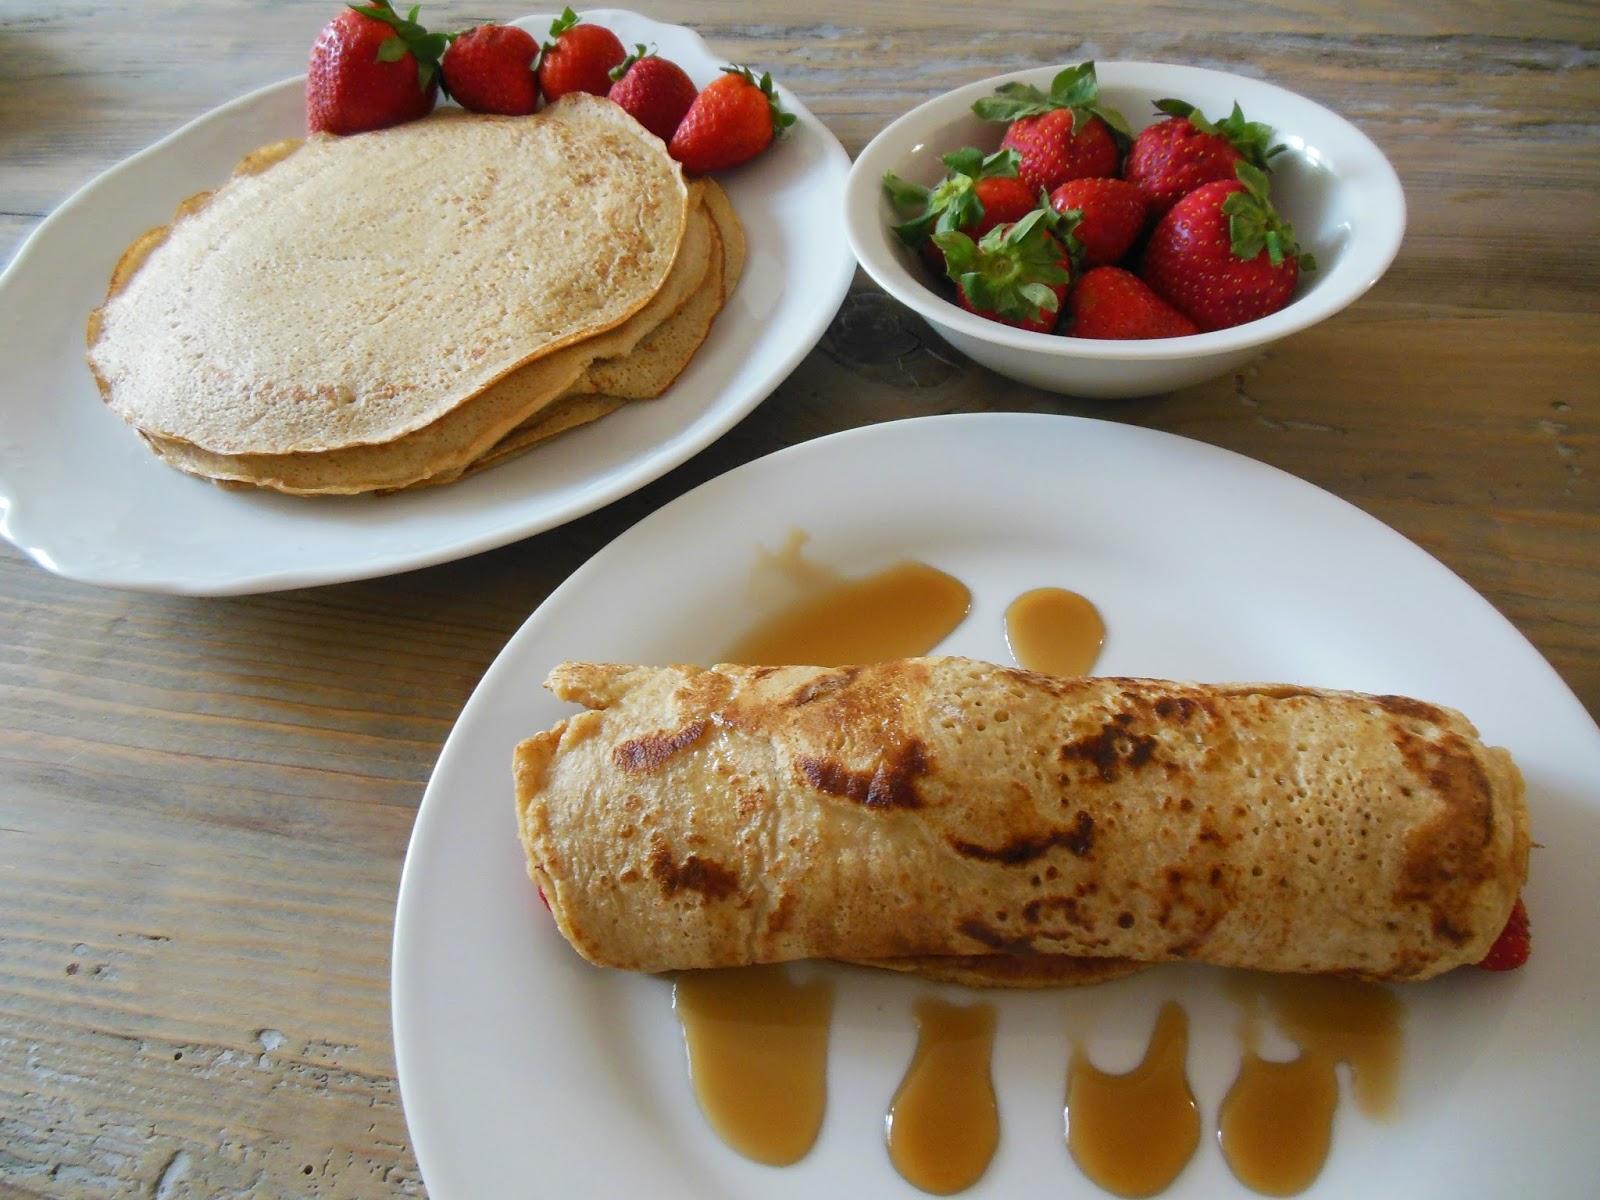 Avena y canela crepes integrales whole grain crepes - Ingredientes para crepes ...